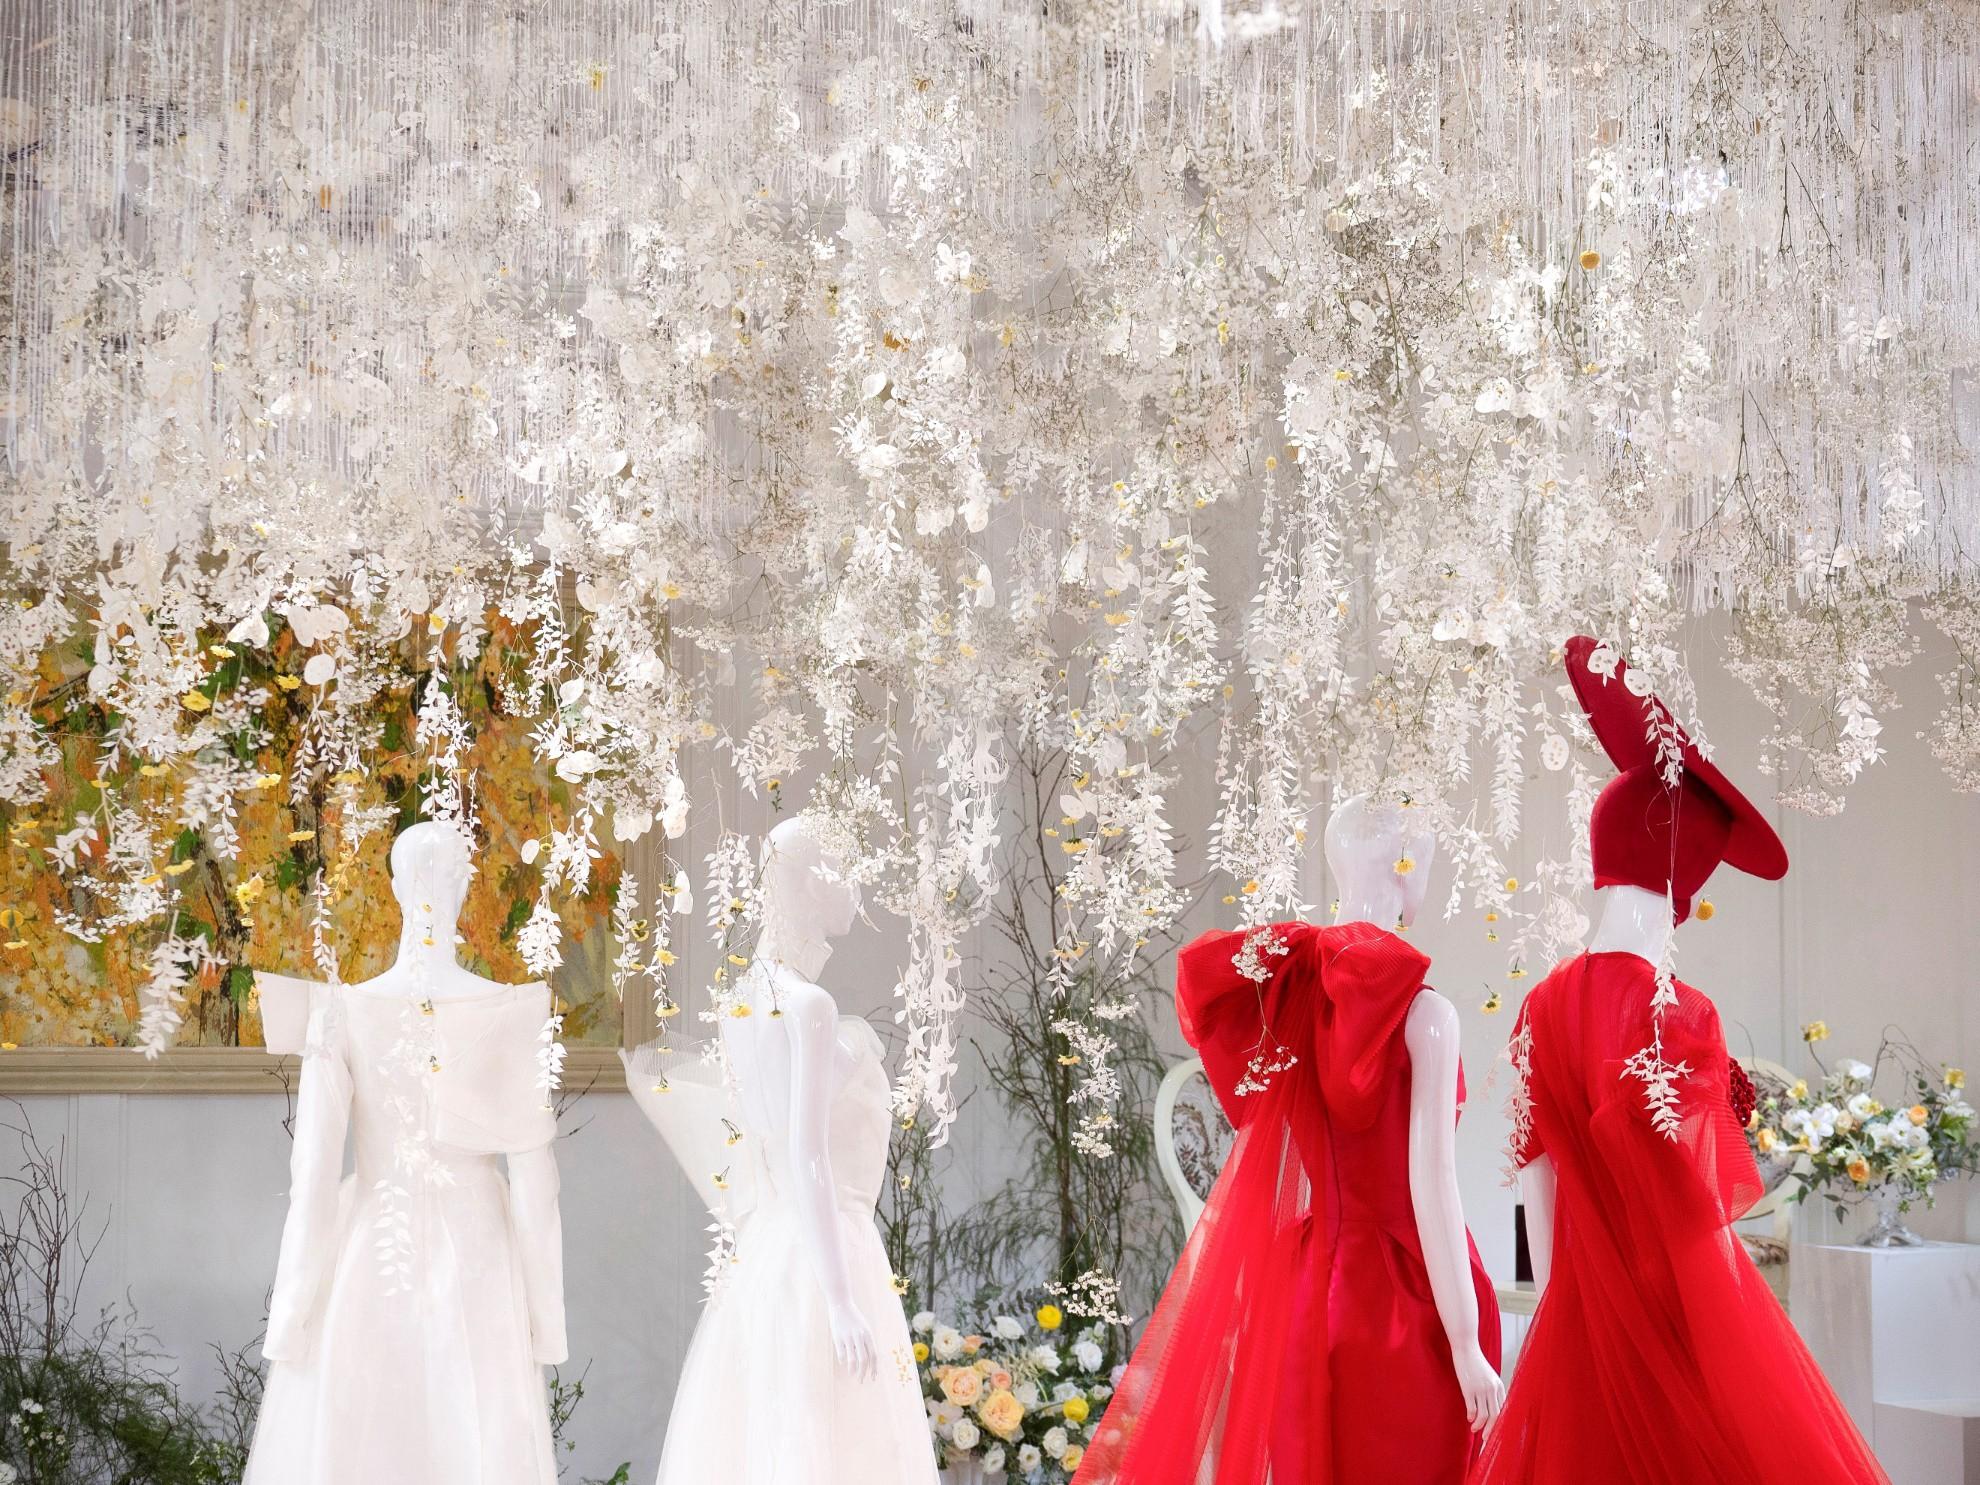 Hé lộ không gian thần tiên mộng ảo, chứa đựng các thiết kế cưới đẳng cấp của Phương My - Ảnh 3.